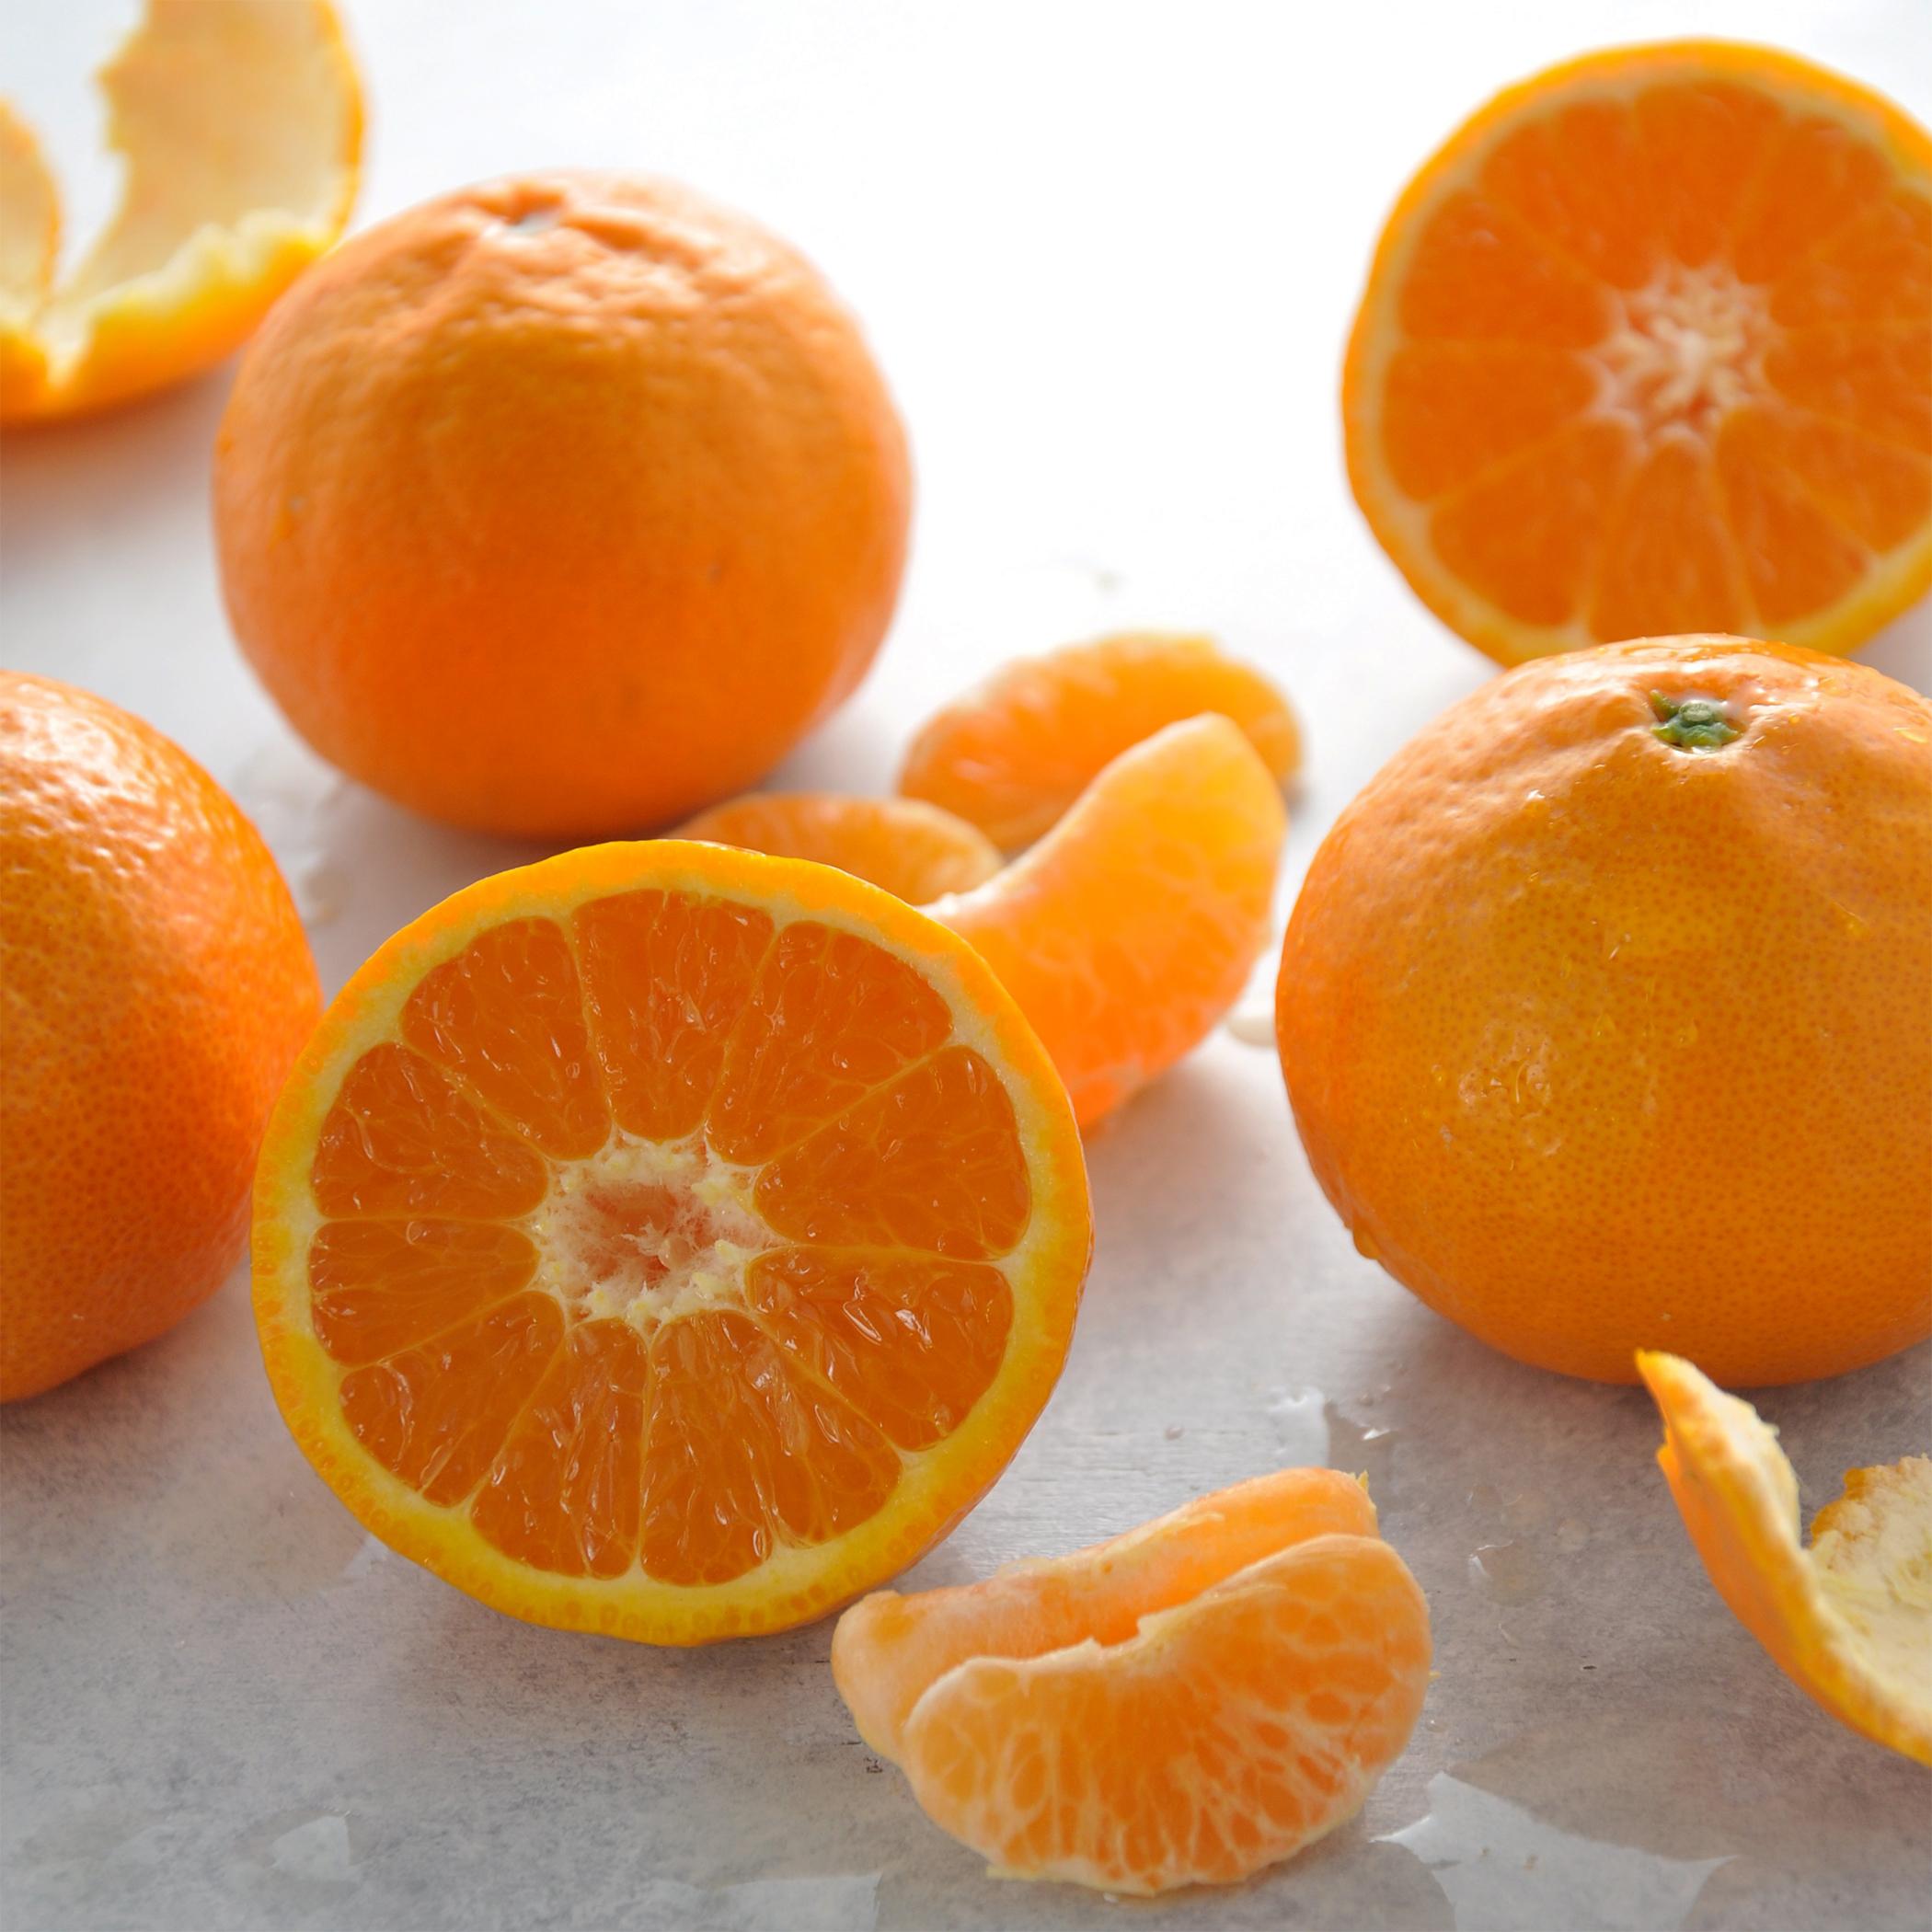 欧海精灵橘子|满足农民